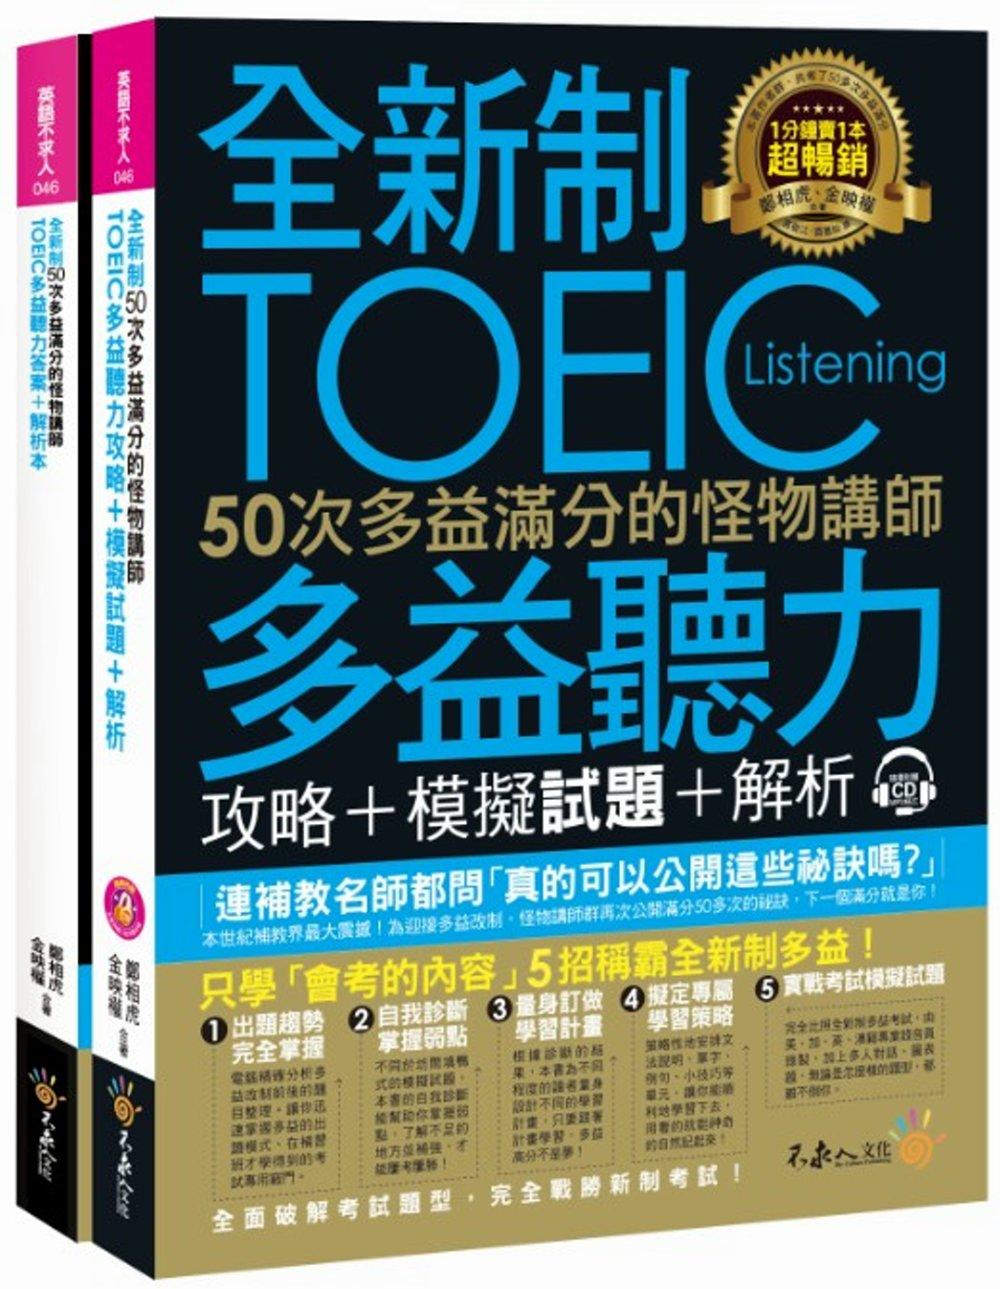 全新制50次多益滿分的怪物講師TOEIC多益聽力攻略+模擬試題+解析(2書+1CD+防水書套)